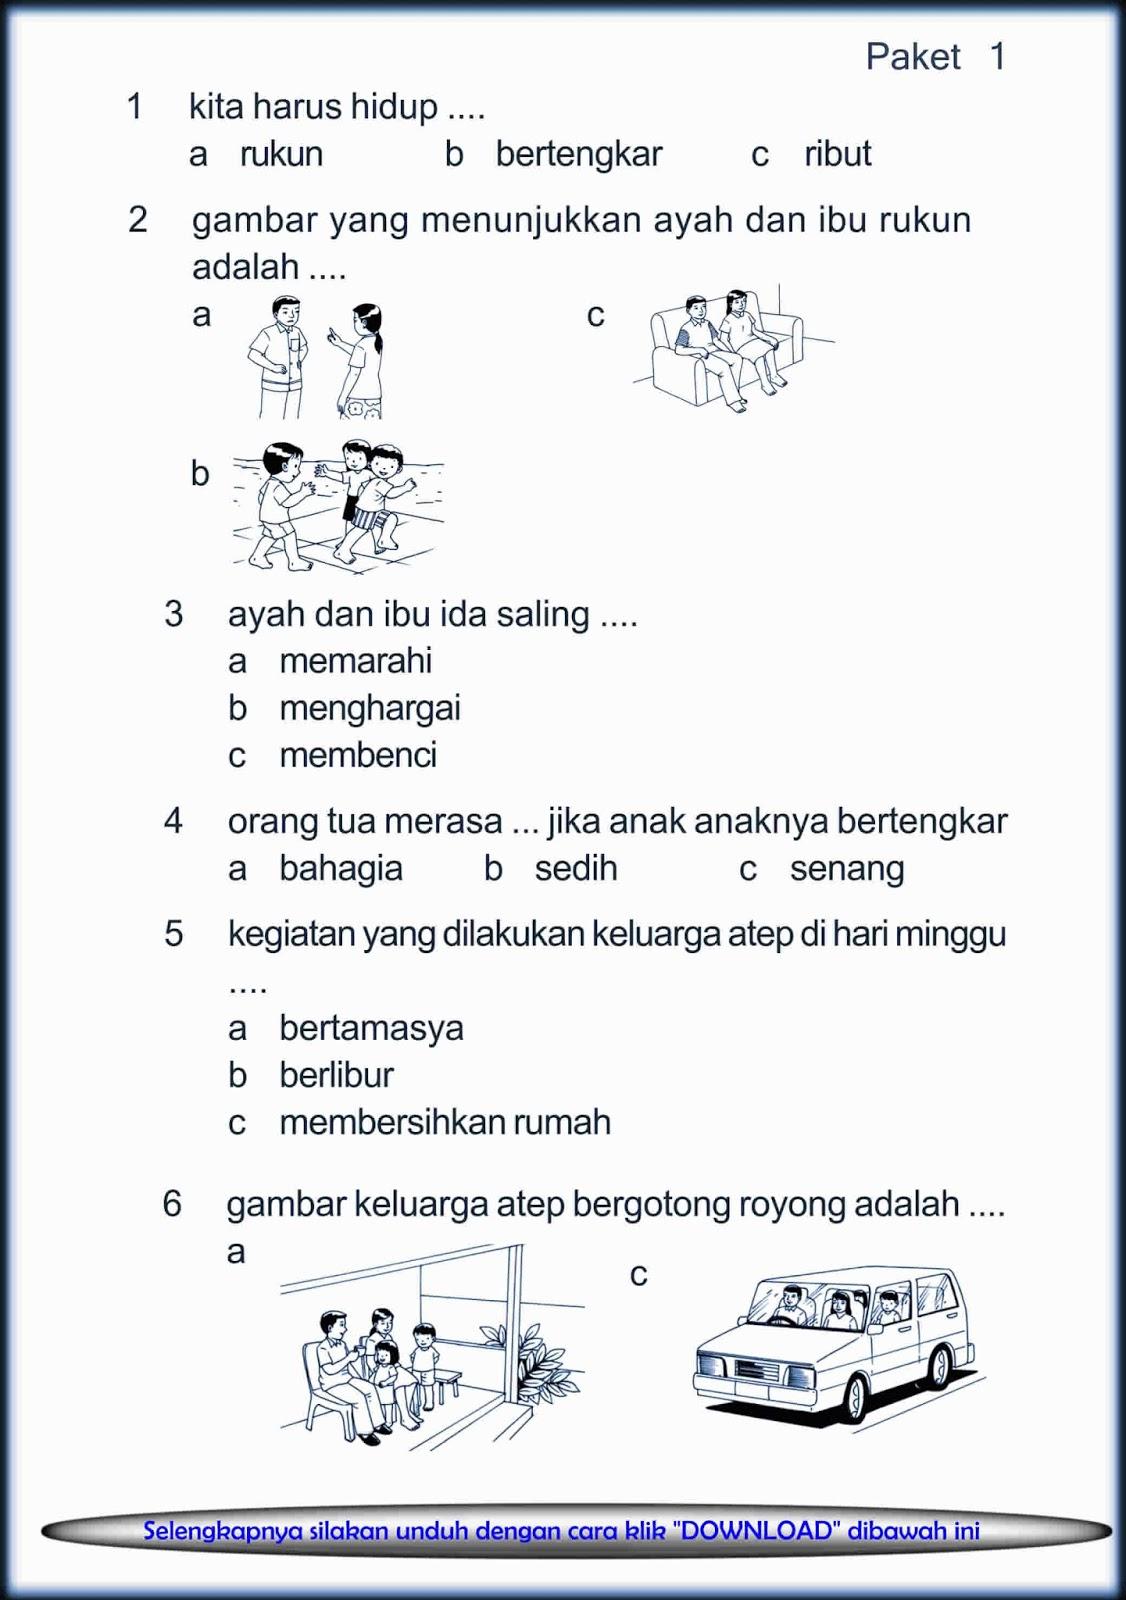 Download Soal UTS PKn Kelas 1 Semester Ganjil 2015 / 2016 ...